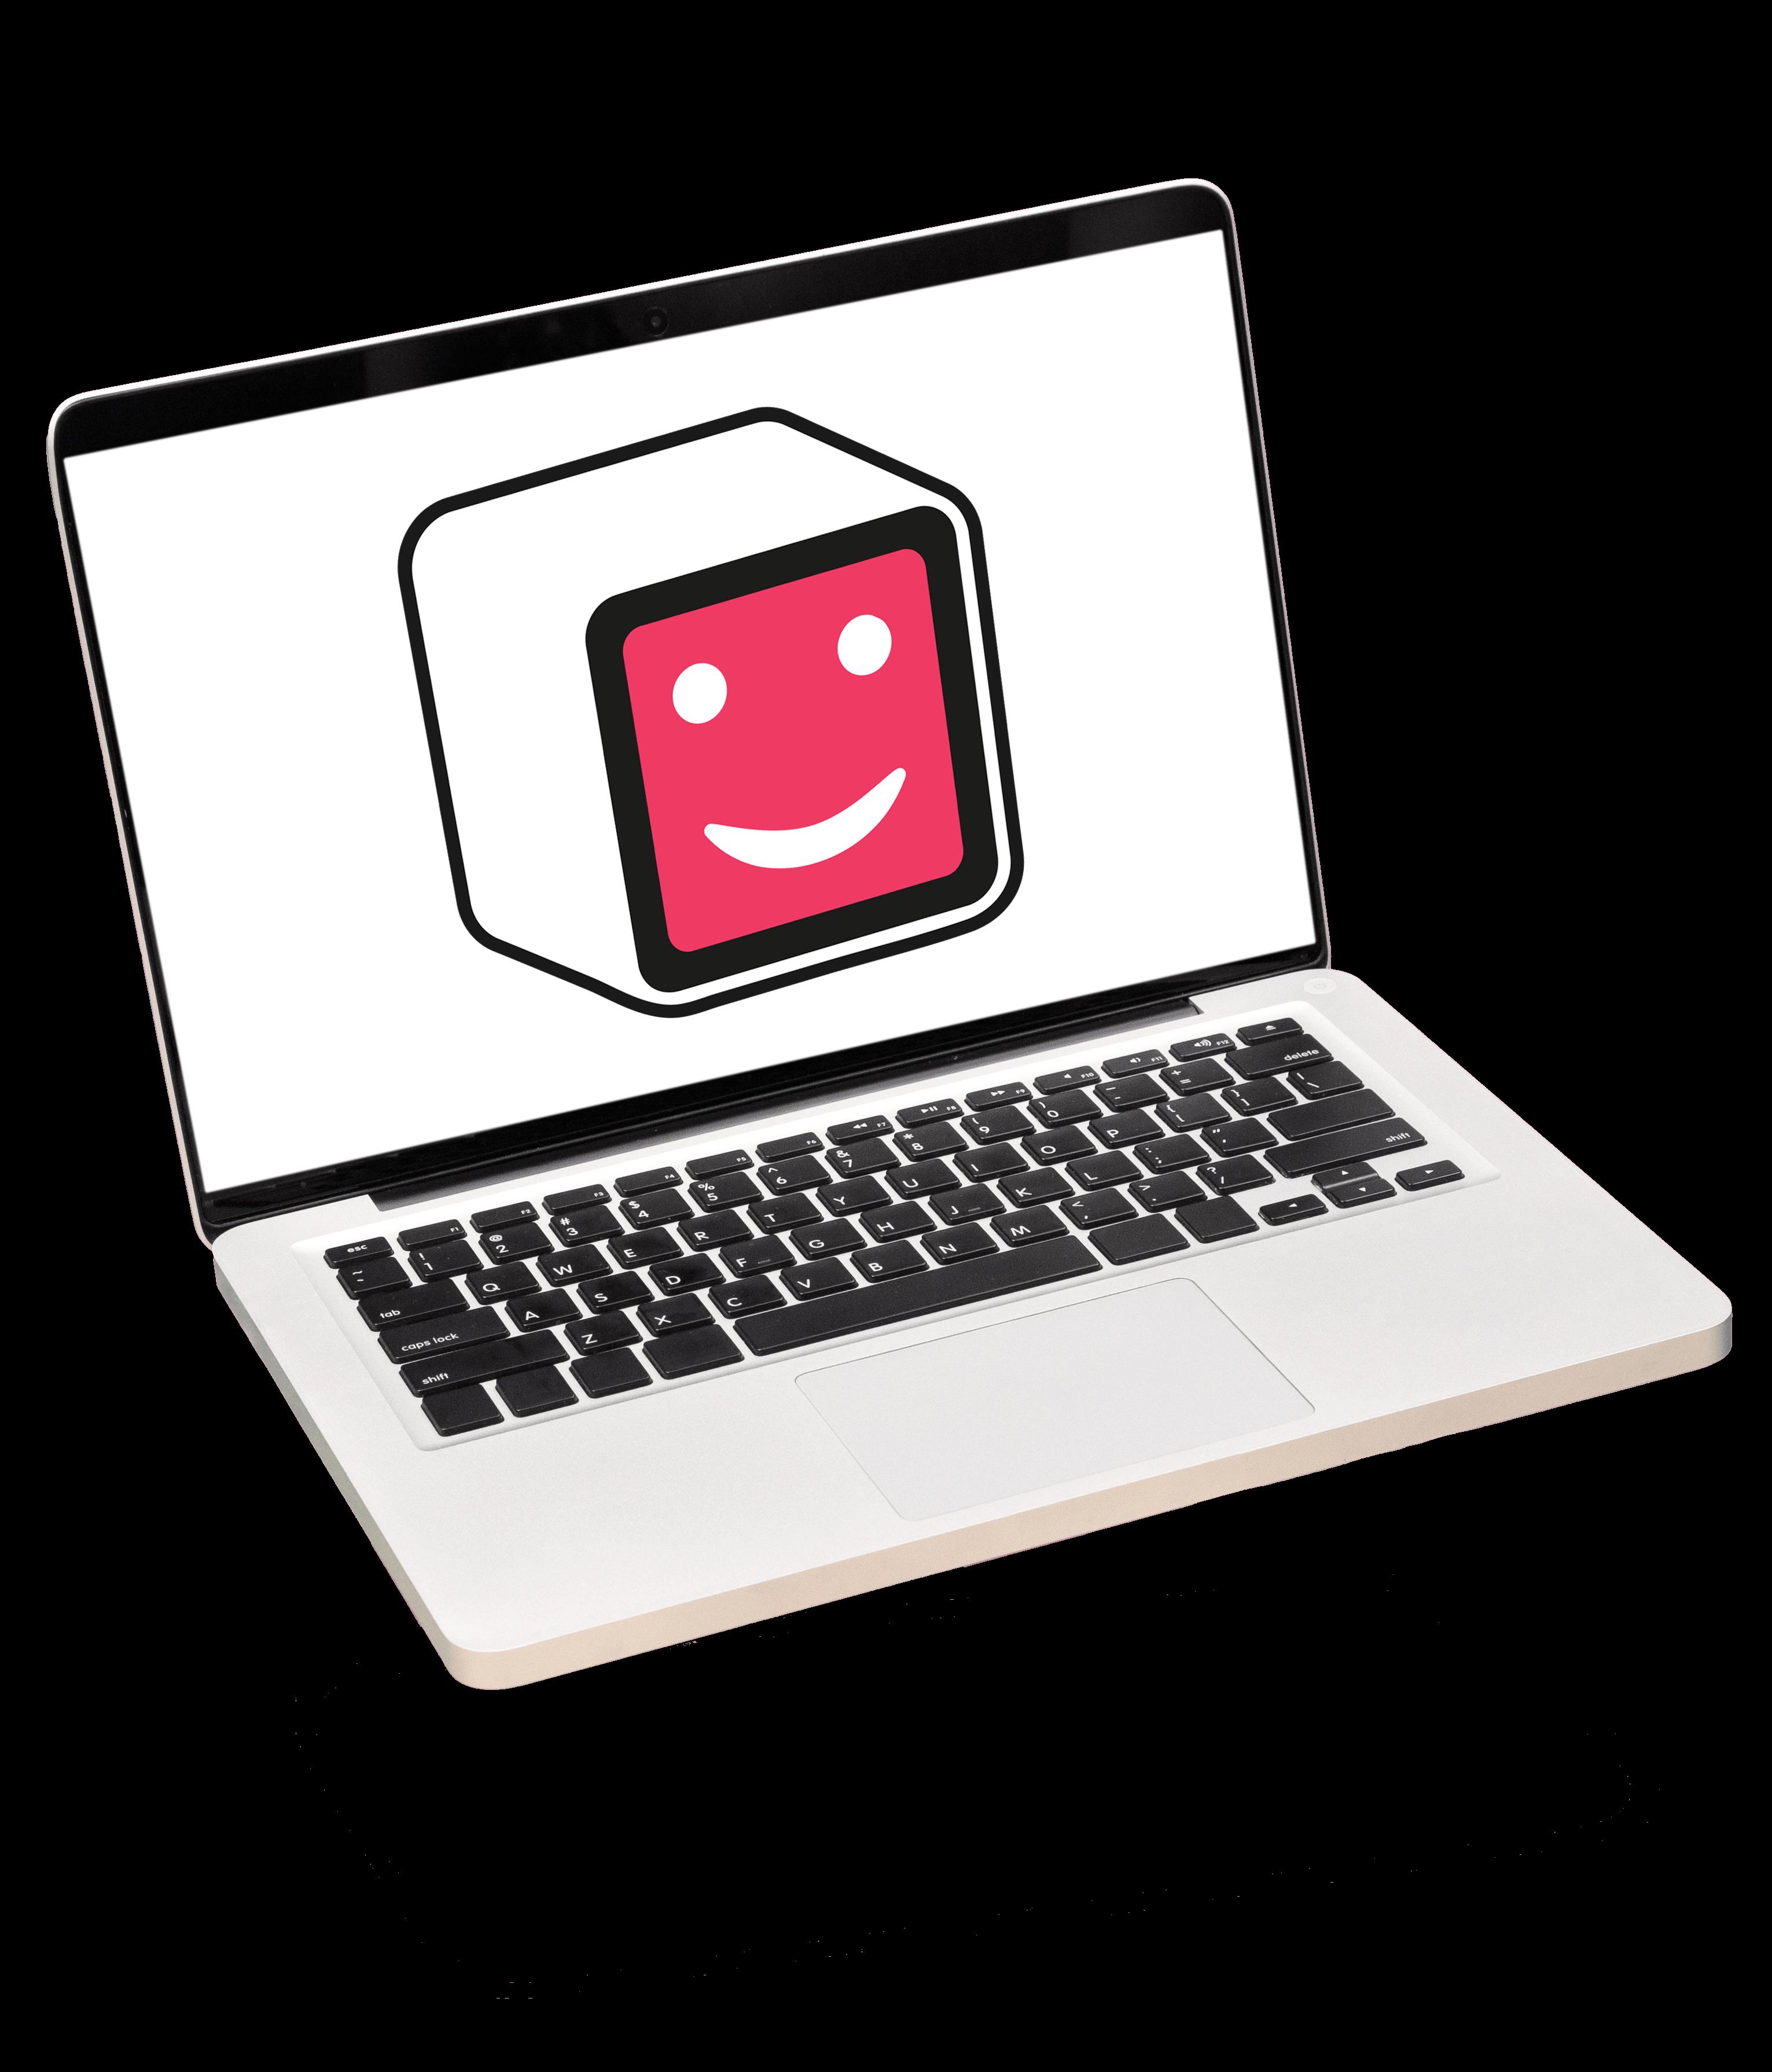 köpa-hemsida-företag-happy-digital